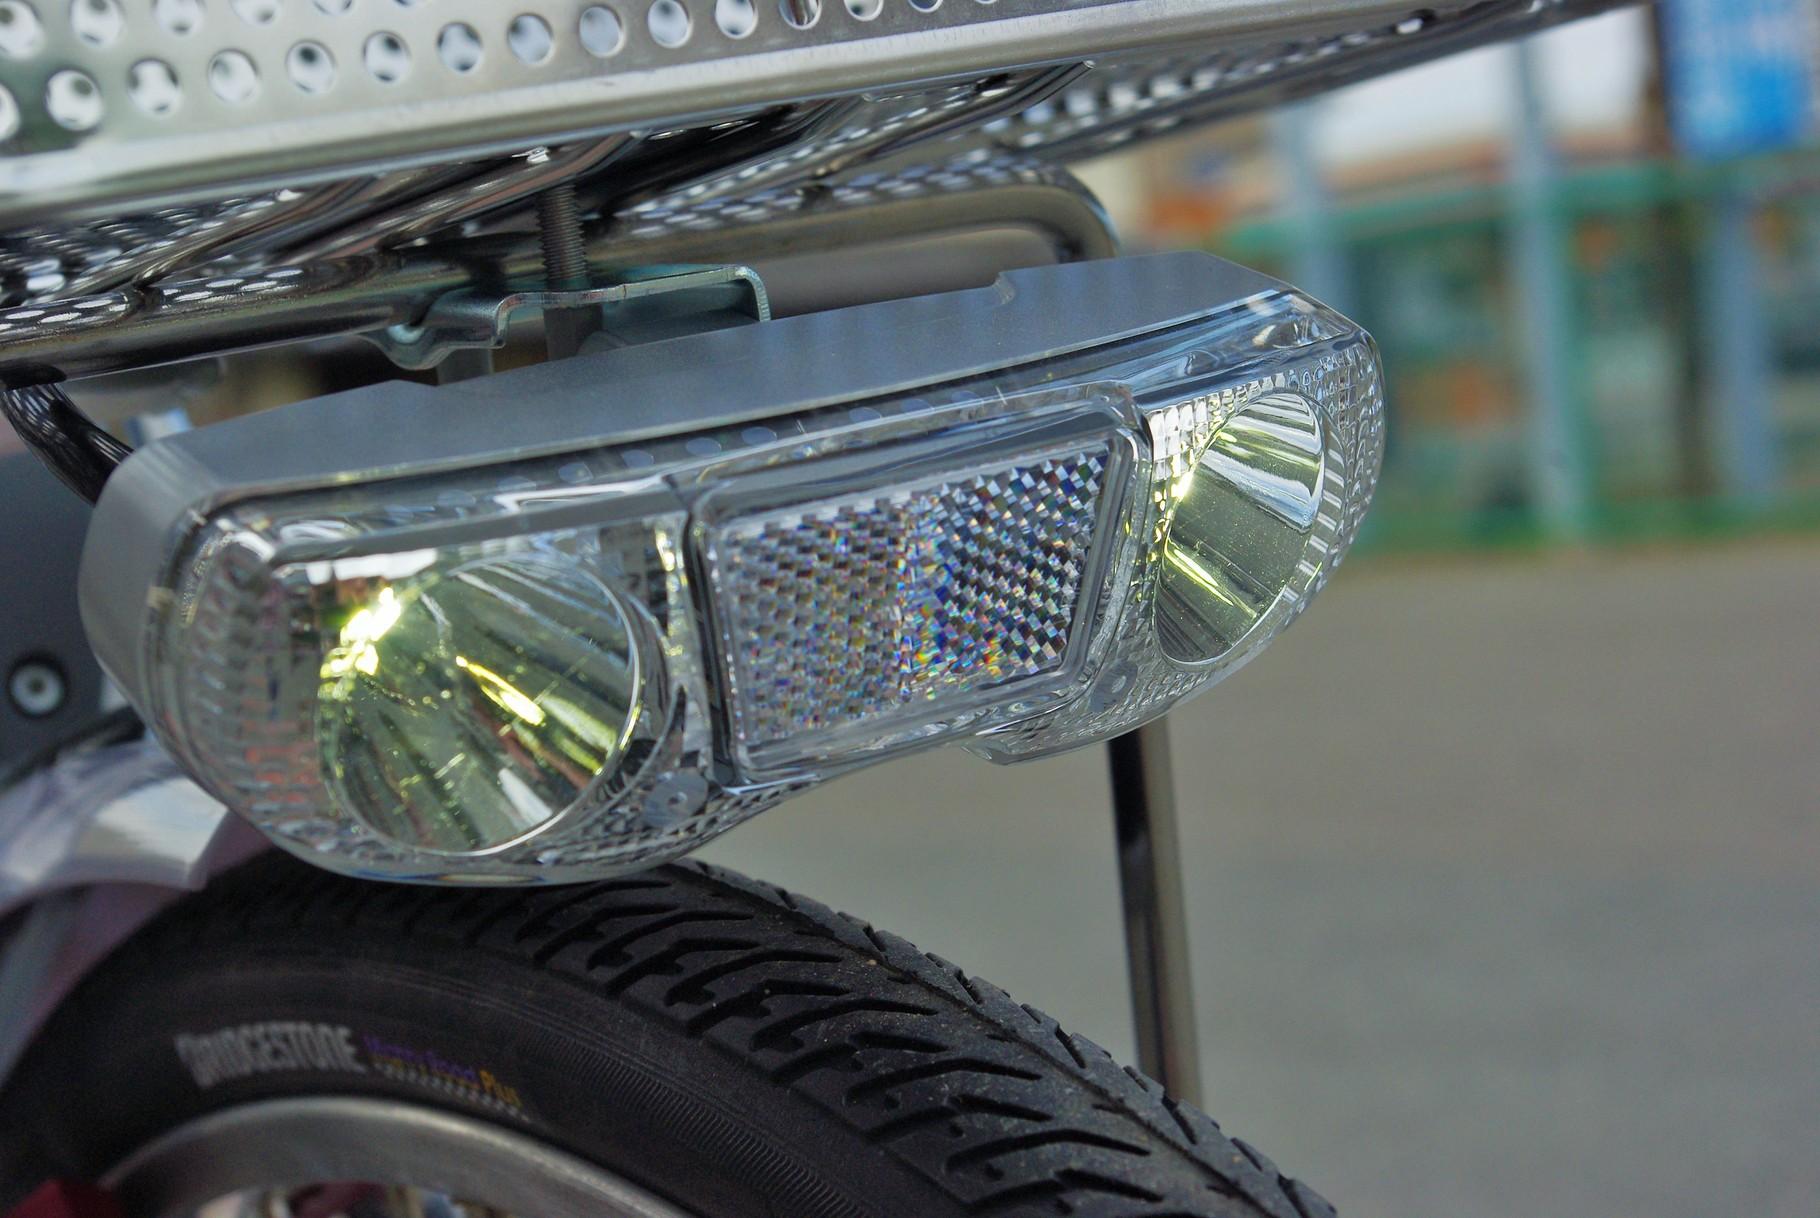 1W のLEDライトを2つ搭載。同社の製品中最高の明るさです。